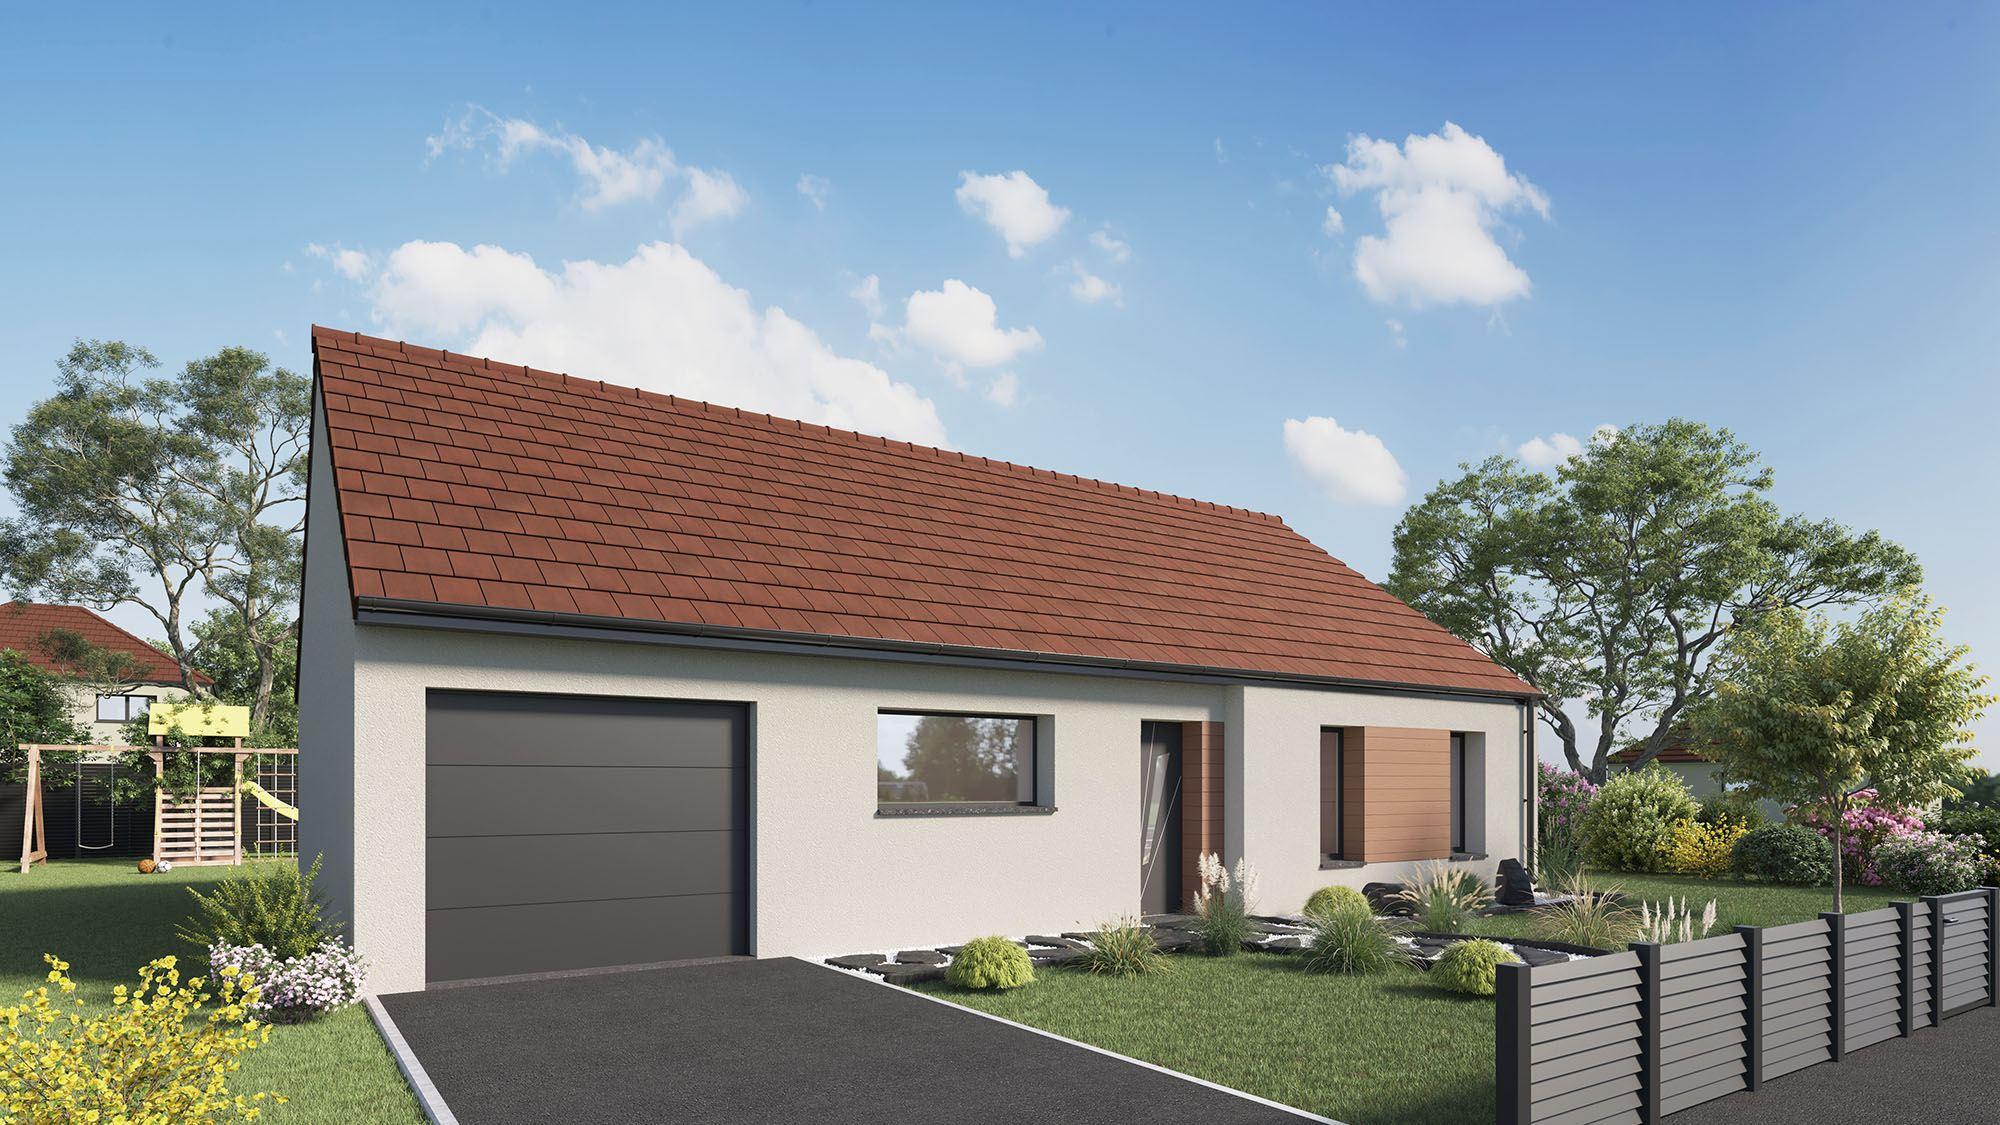 Votre maison + terrain à Doullens  - 80600